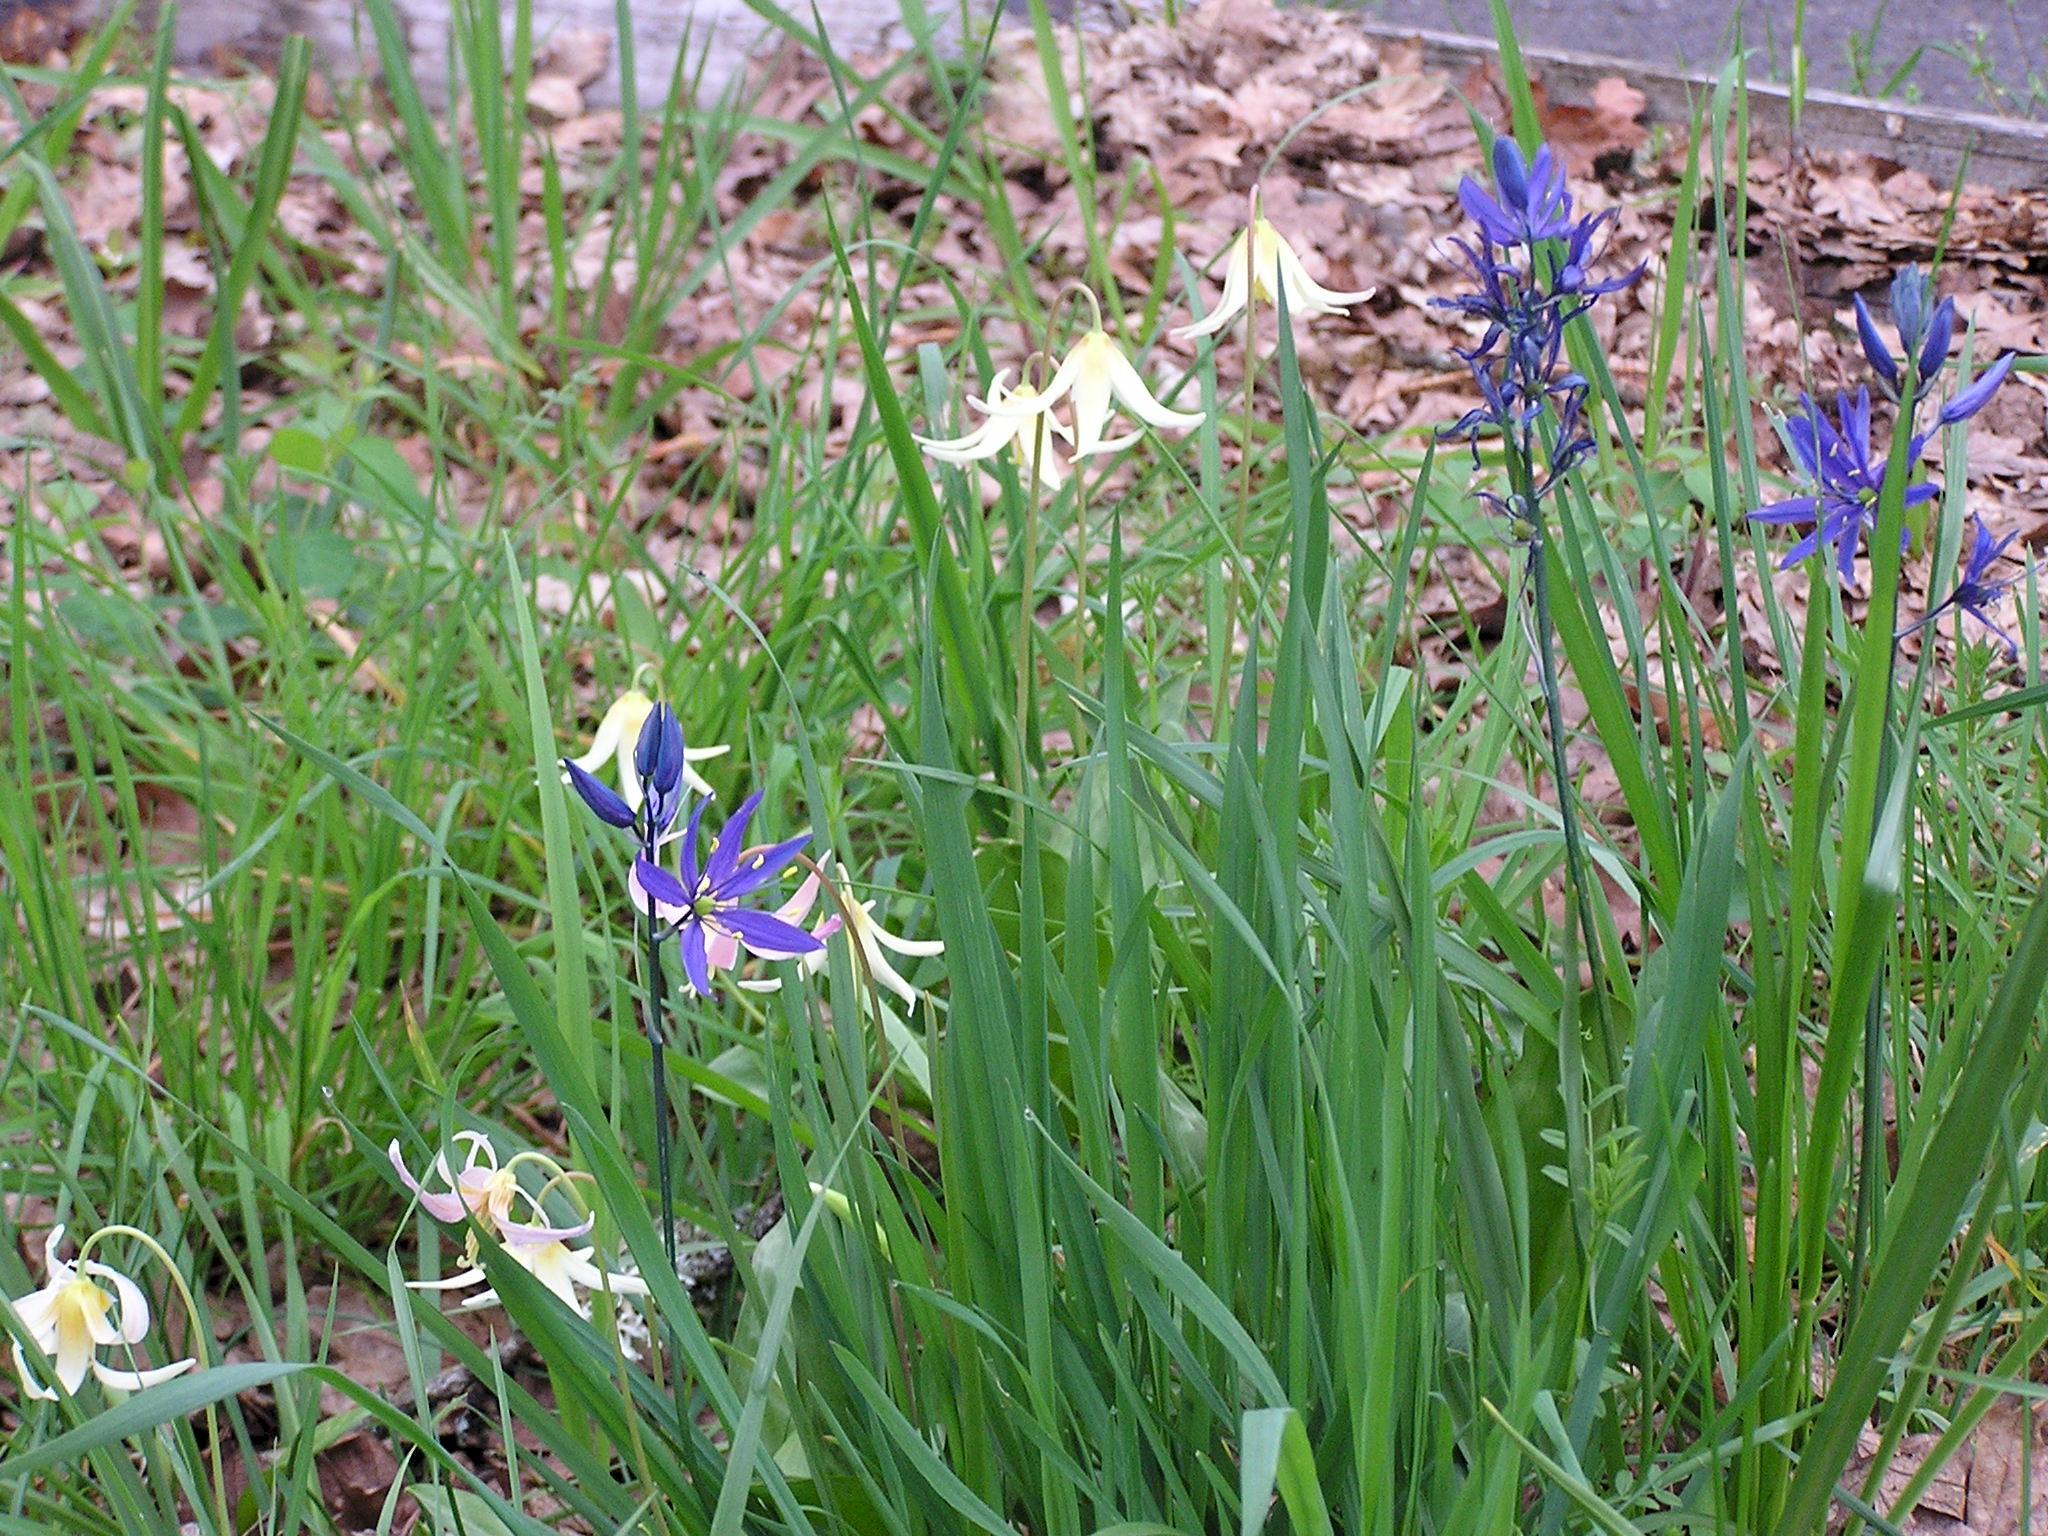 Common camas indian hyacinth camassia quamash pacific northwest common camas indian hyacinth camassia quamash pacific northwest native perennial mightylinksfo